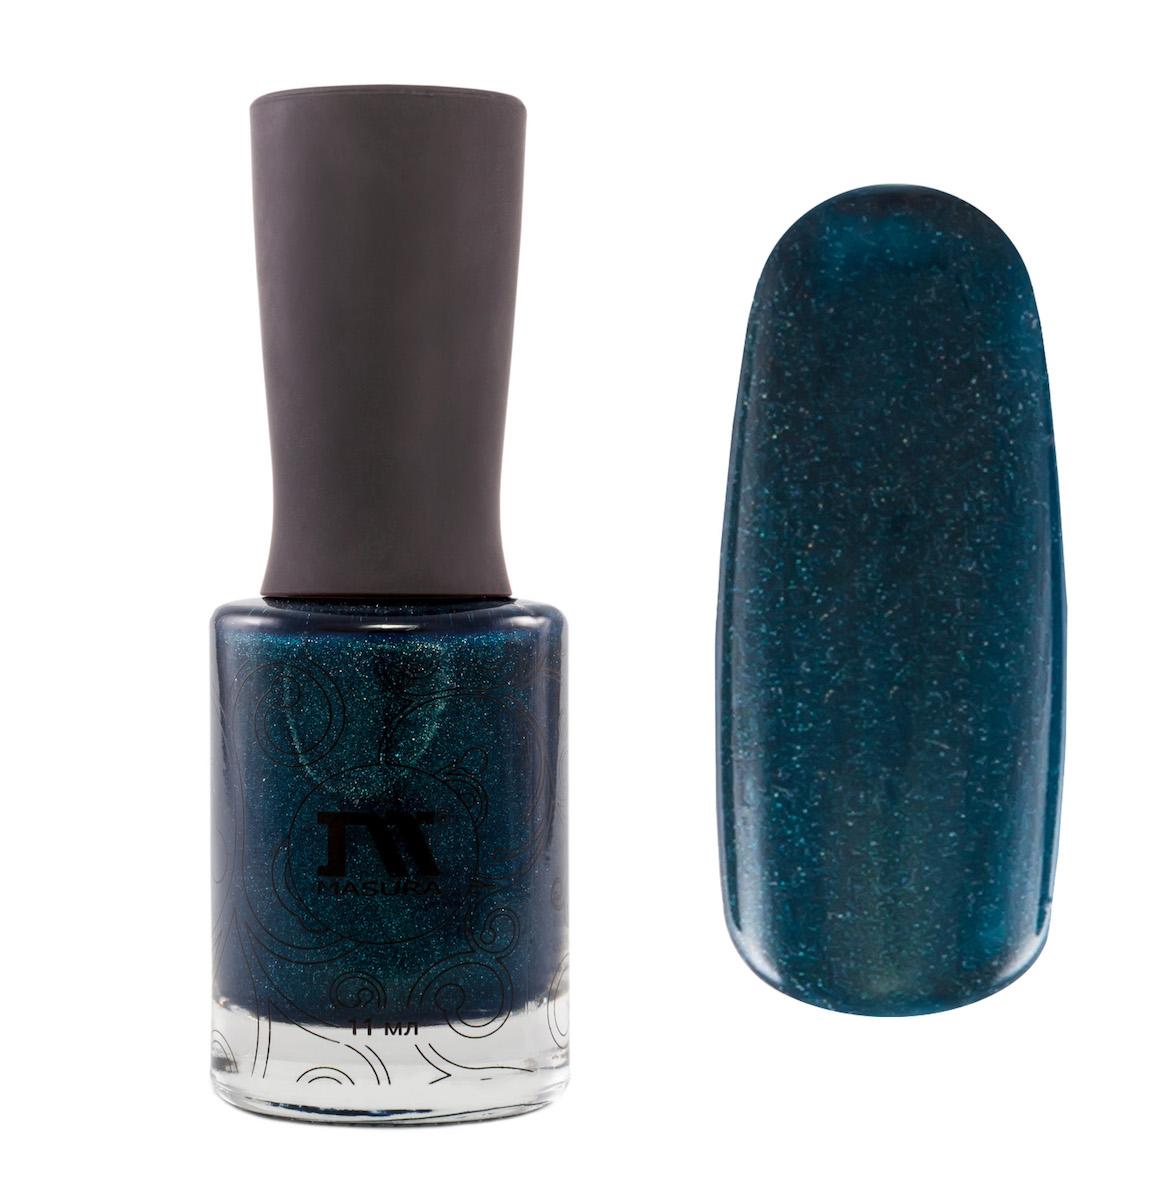 Masura Лак для ногтей Вижу, Ты Меня Любишь, 11 мл1028темно-зеленый с серым подтоном, с явным голографическим и зеленовато-голубым мерцанием